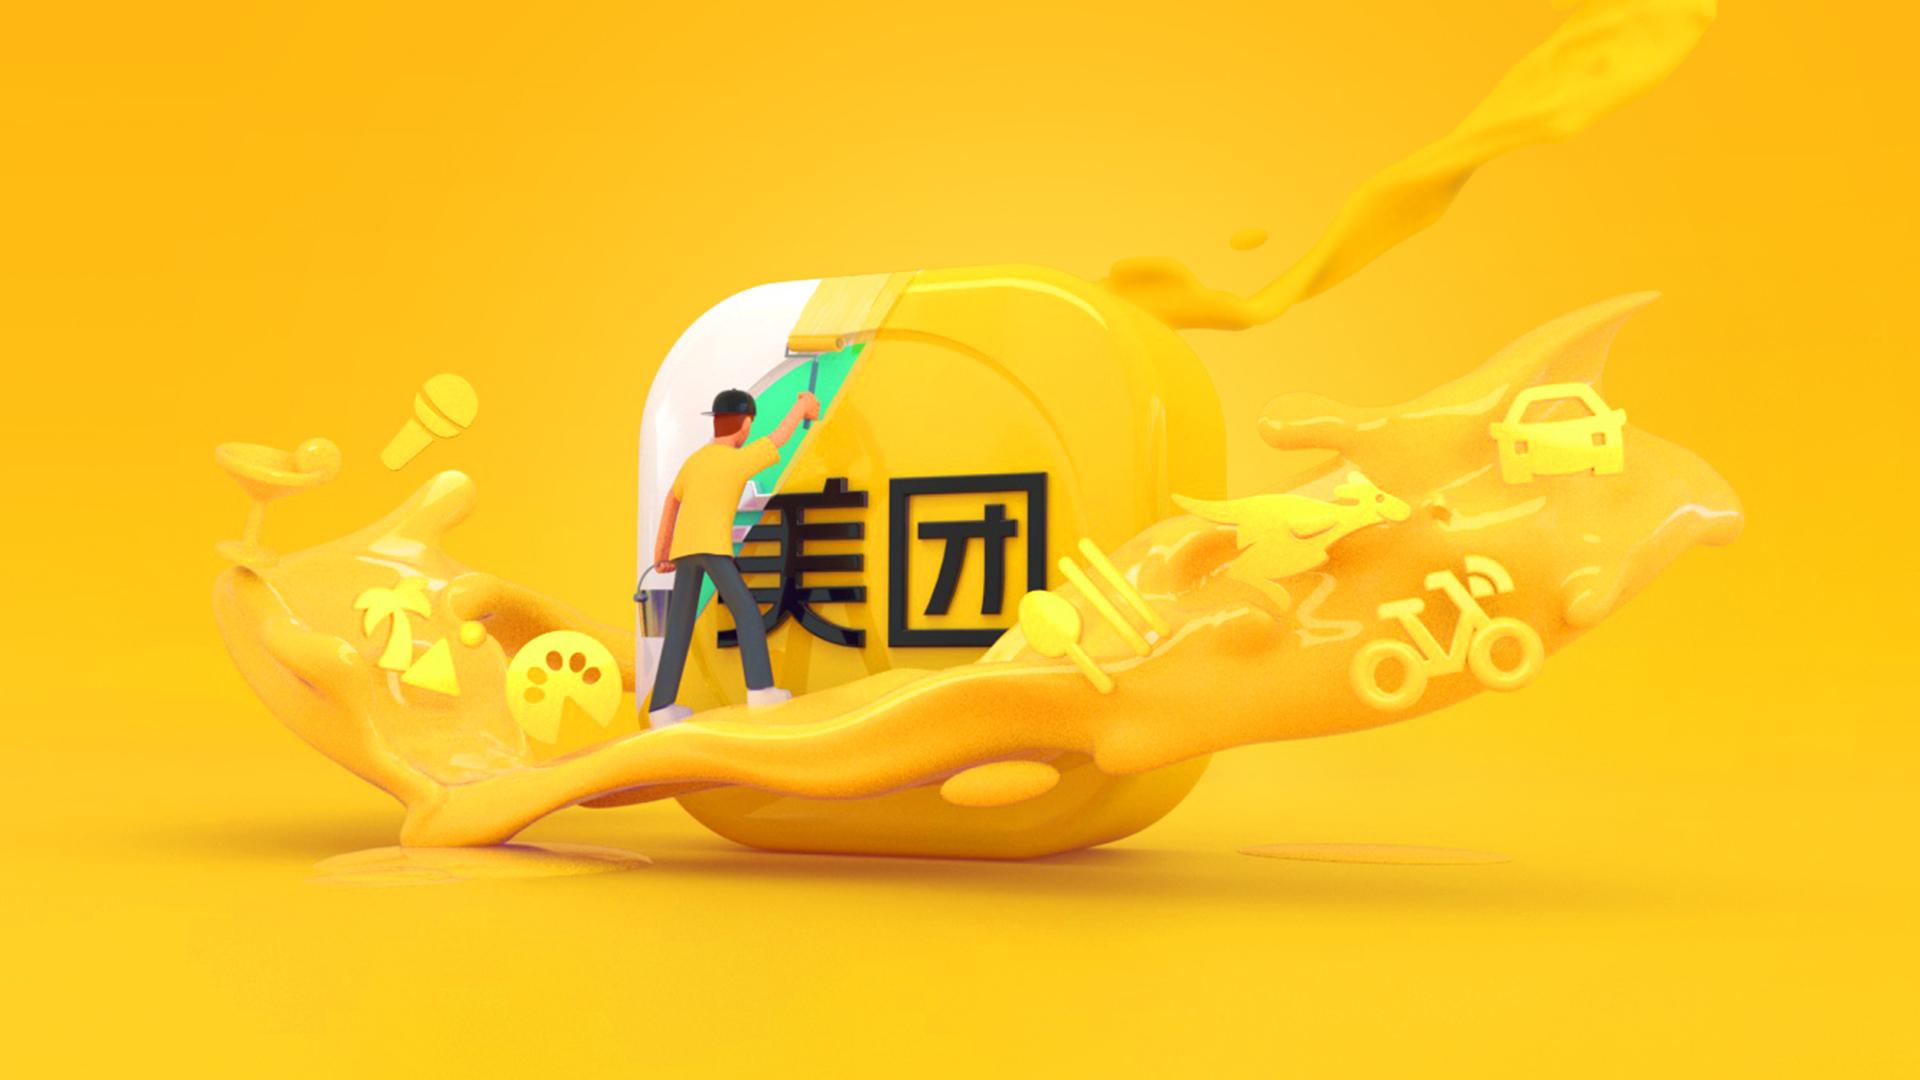 """美团变色 线上线下将统一为""""美团黄"""""""